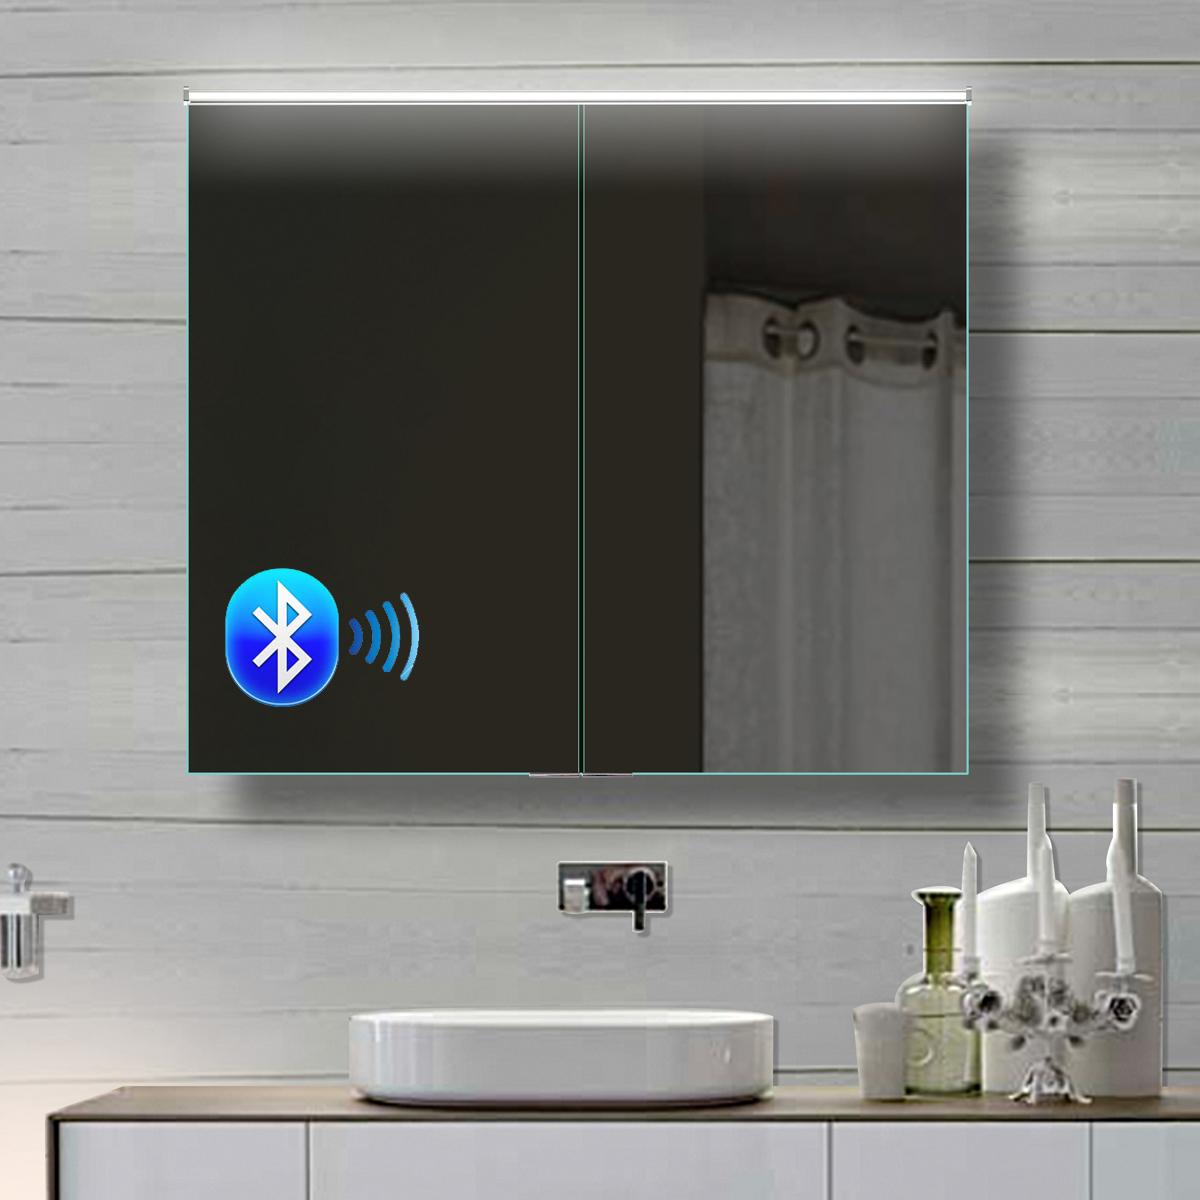 www.lux-aqua.de - alu badezimmer spiegelschrank led und bluetooth